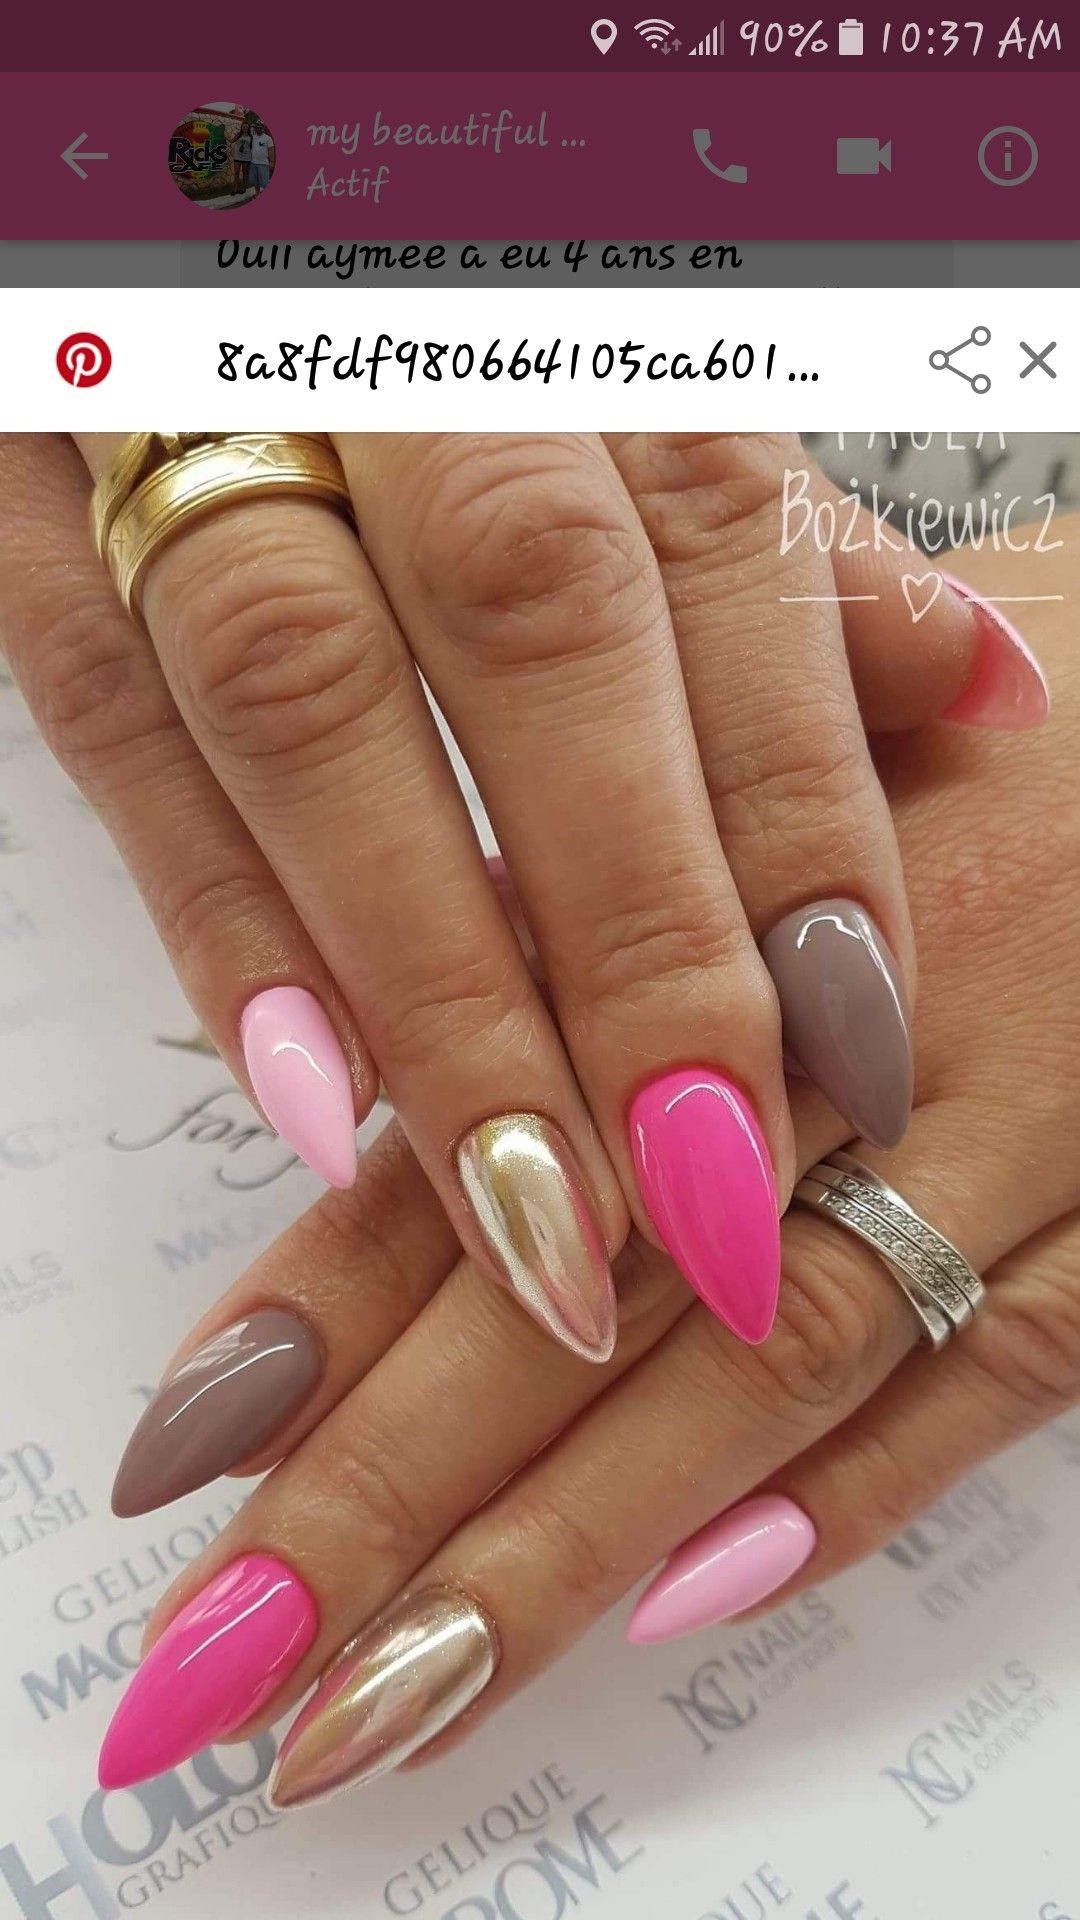 Pin By Ajmiris On Ongles Pink Nails Nail Designs Nails